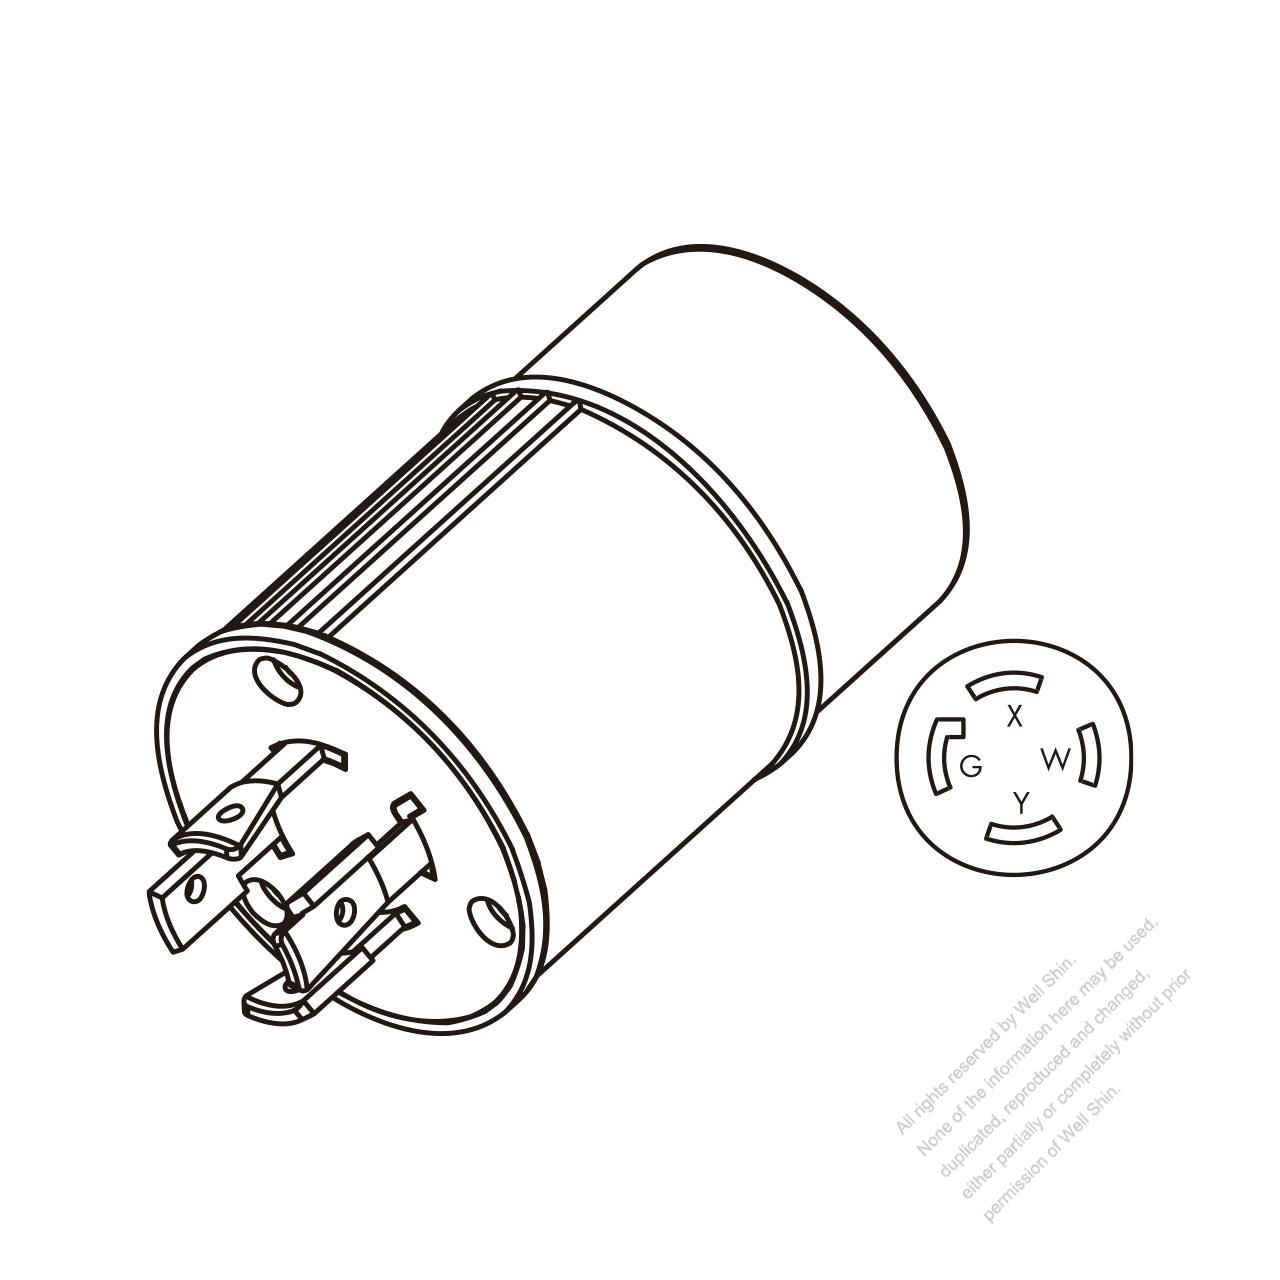 Adapter Plug Nema L14 20p Twist Locking To 30r 3 P 4 Wire Wiring A L1430p